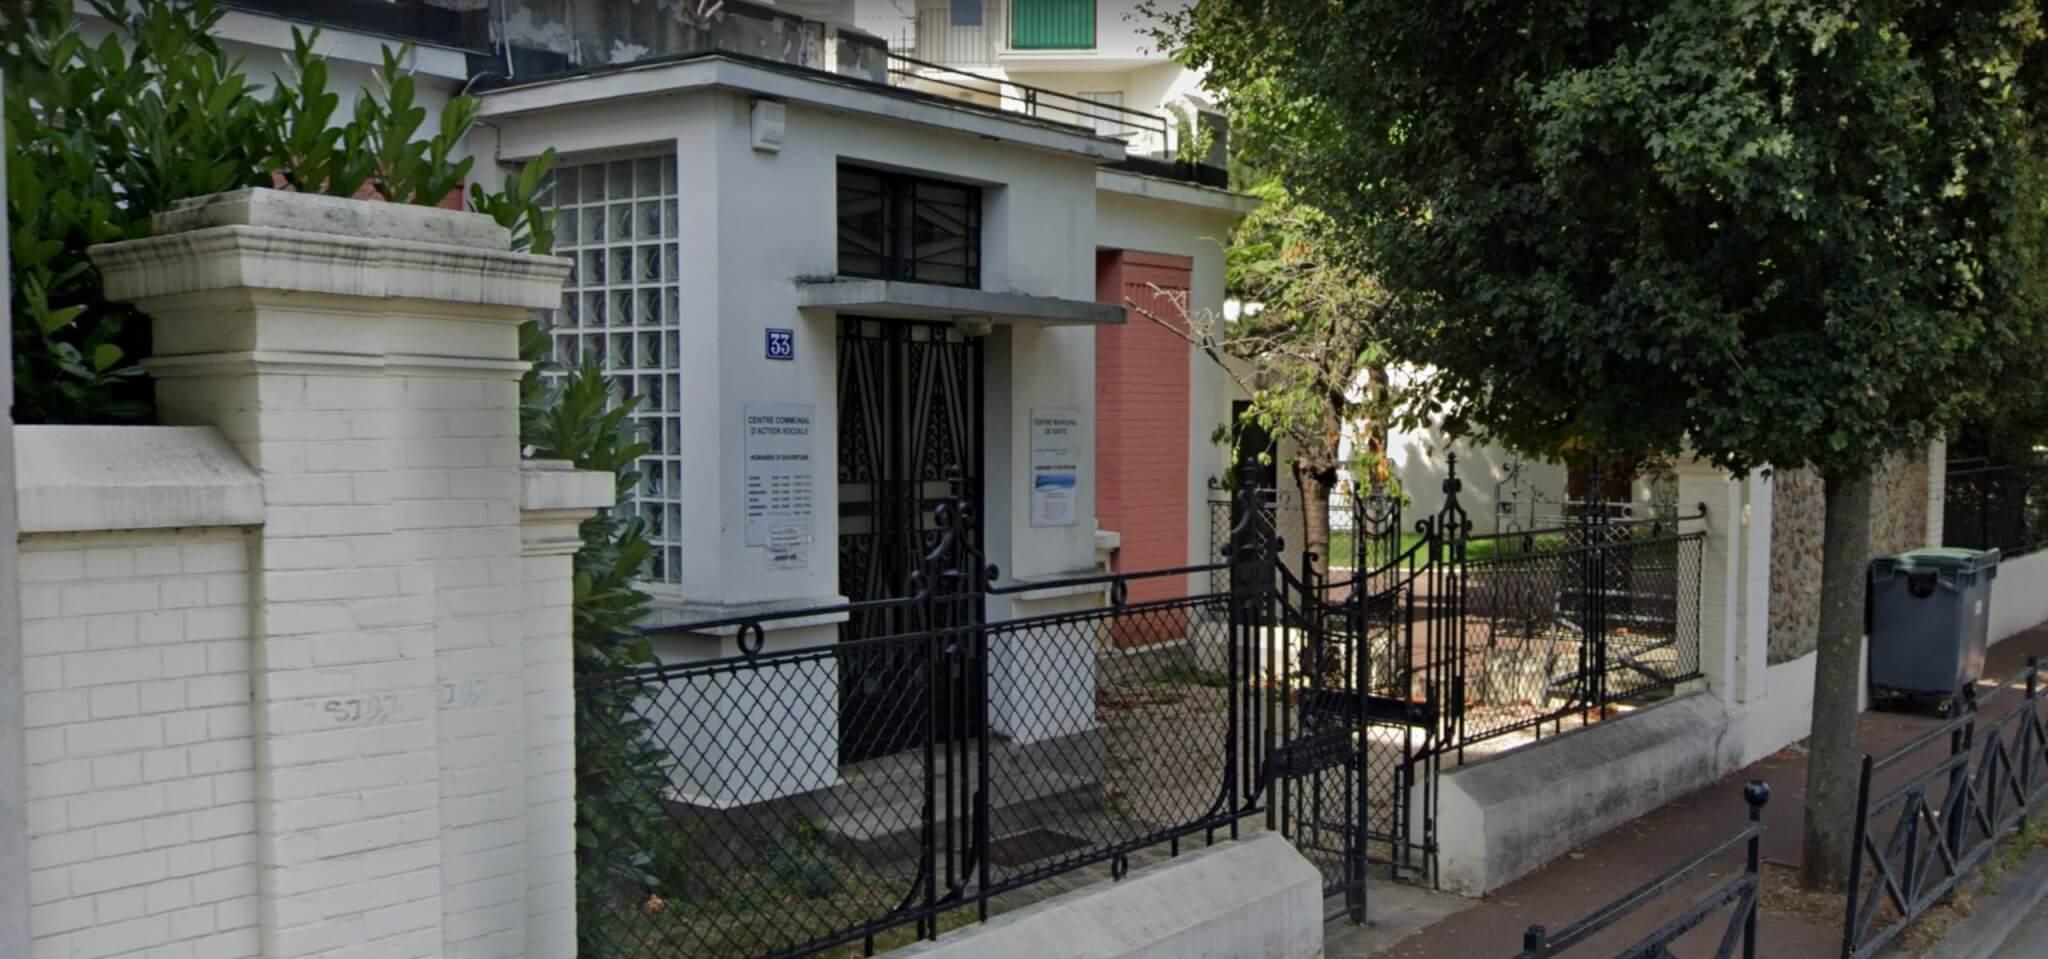 Neuilly-Plaisance: tests Covid-19 au centre municipal de santé